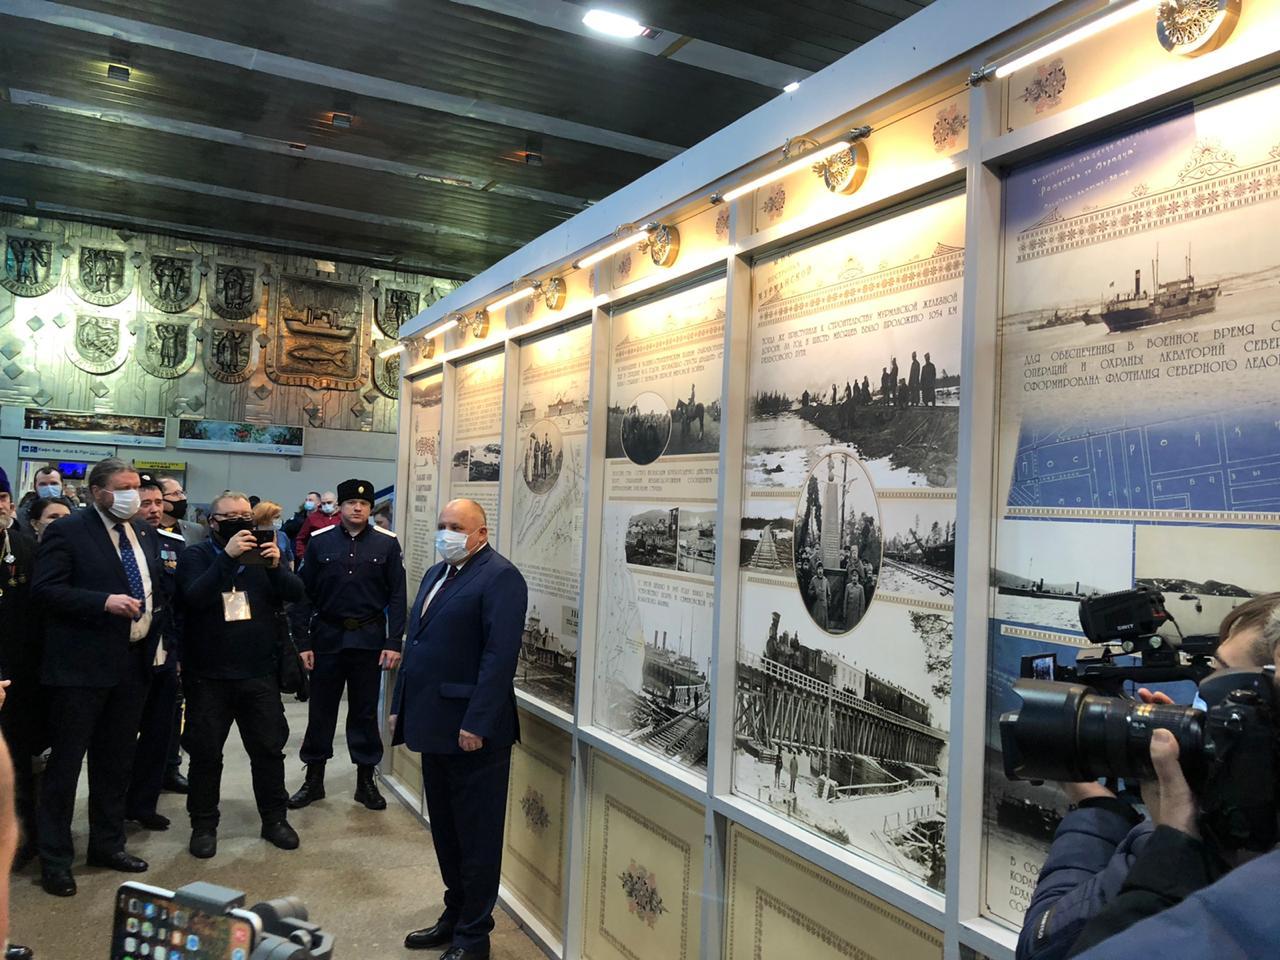 20201121_15-58-В аэропорту Мурманска открылась выставка, посвященная Николаю II-pic3